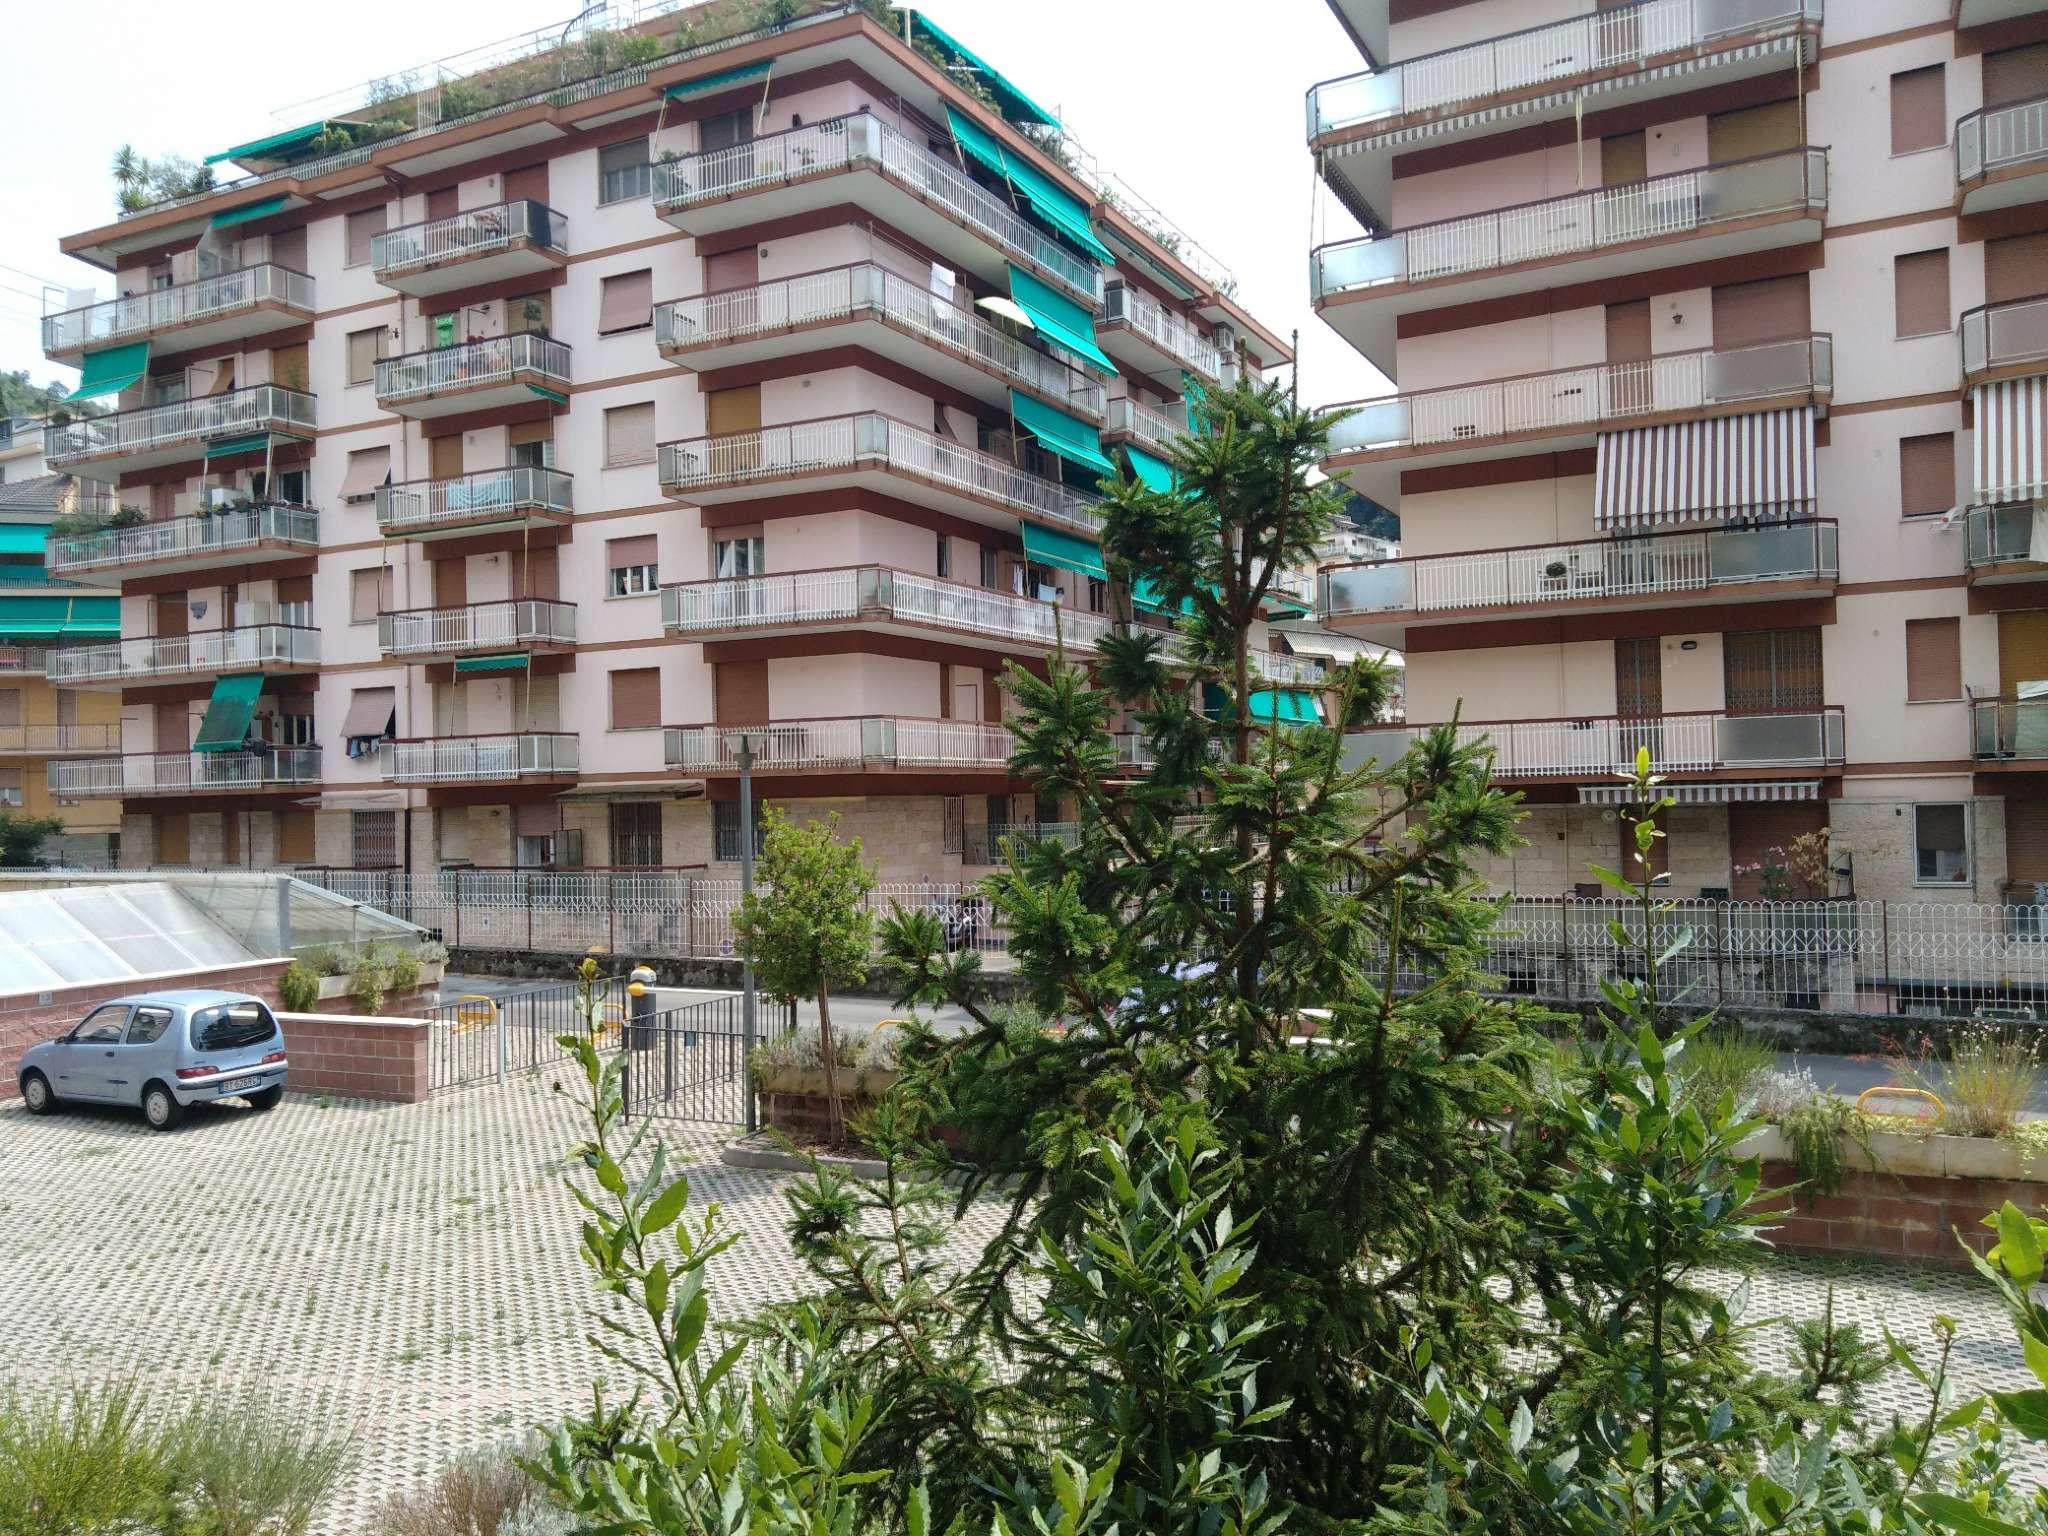 Agenzie Immobiliari A Rapallo annunci - gruppo lazzerini - agenzia immobiliare a rapallo